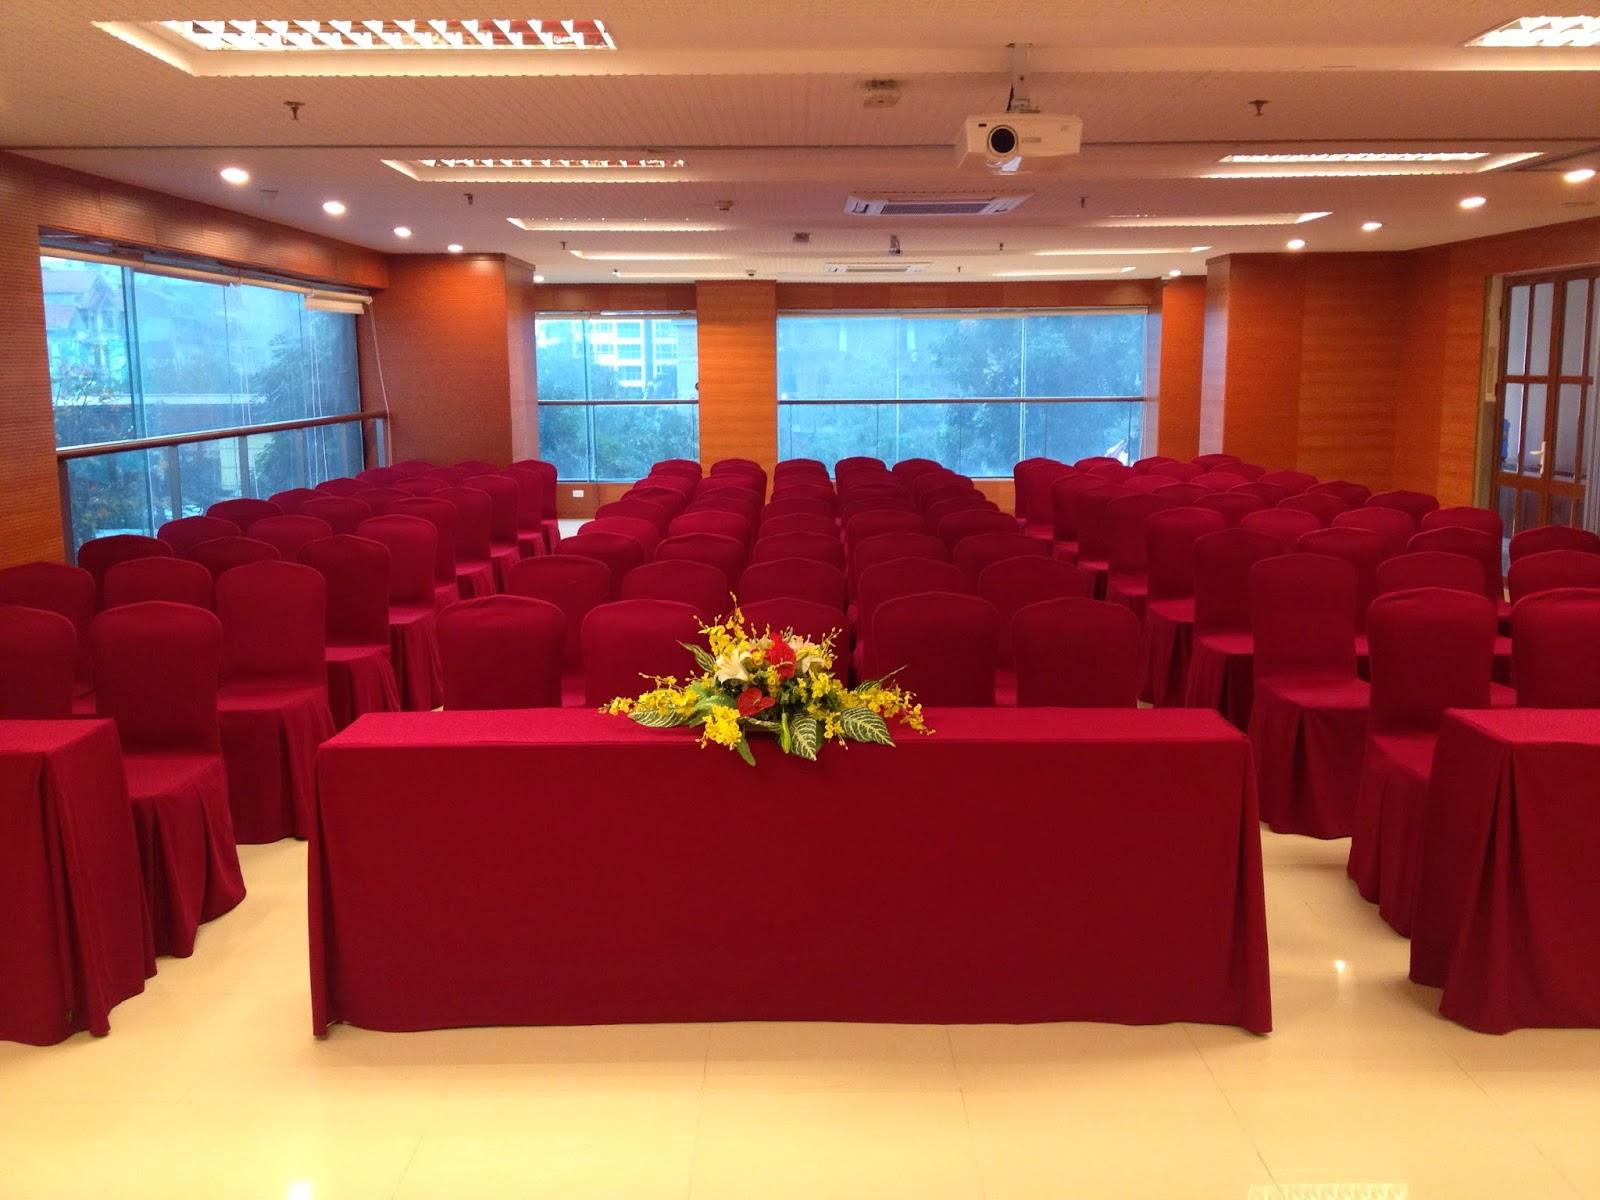 Cho thuê phòng hội thảo giá rẻ, cho thuê phòng hội thảo tại Hà Nội